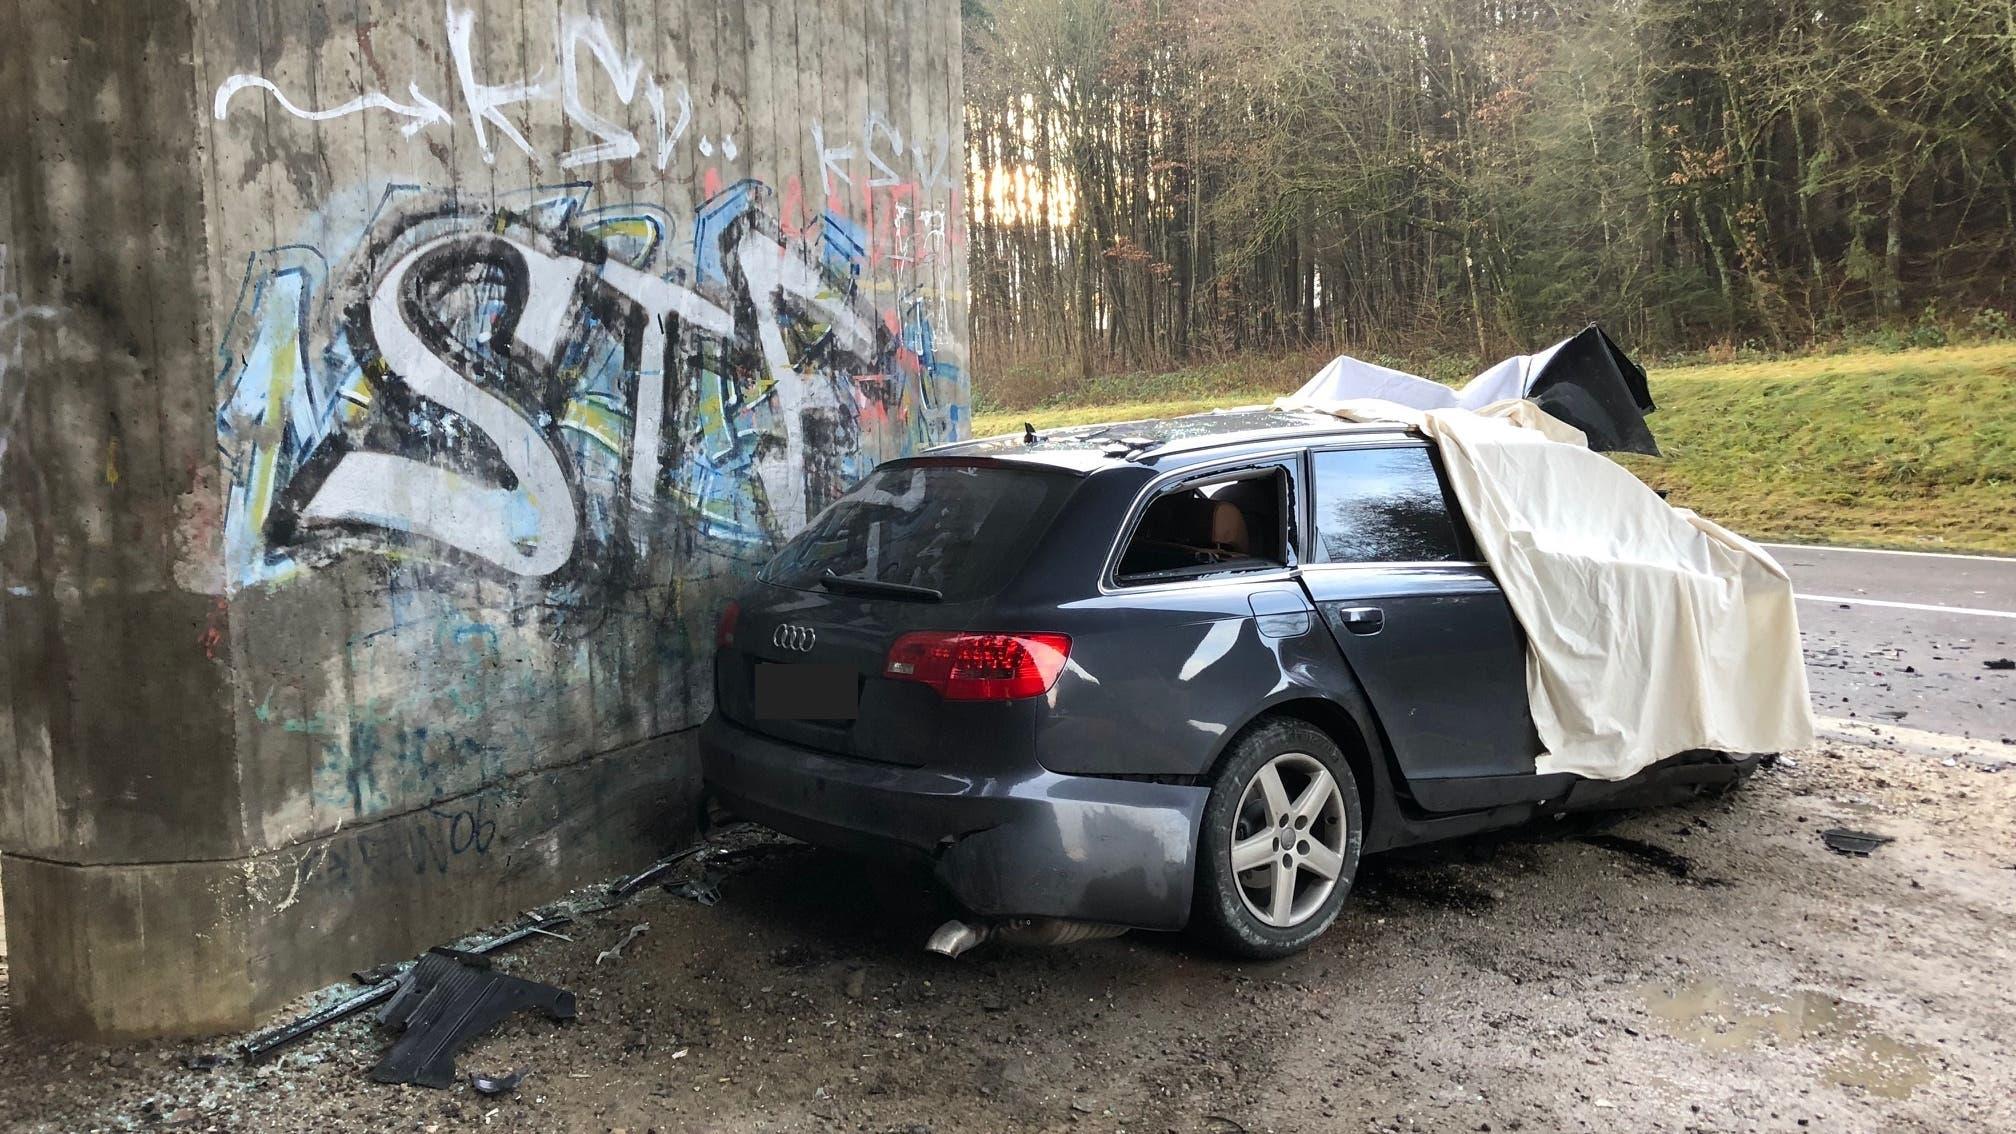 Der 35-jährige Autolenker wurde beim Unfall tödlich verletzt.